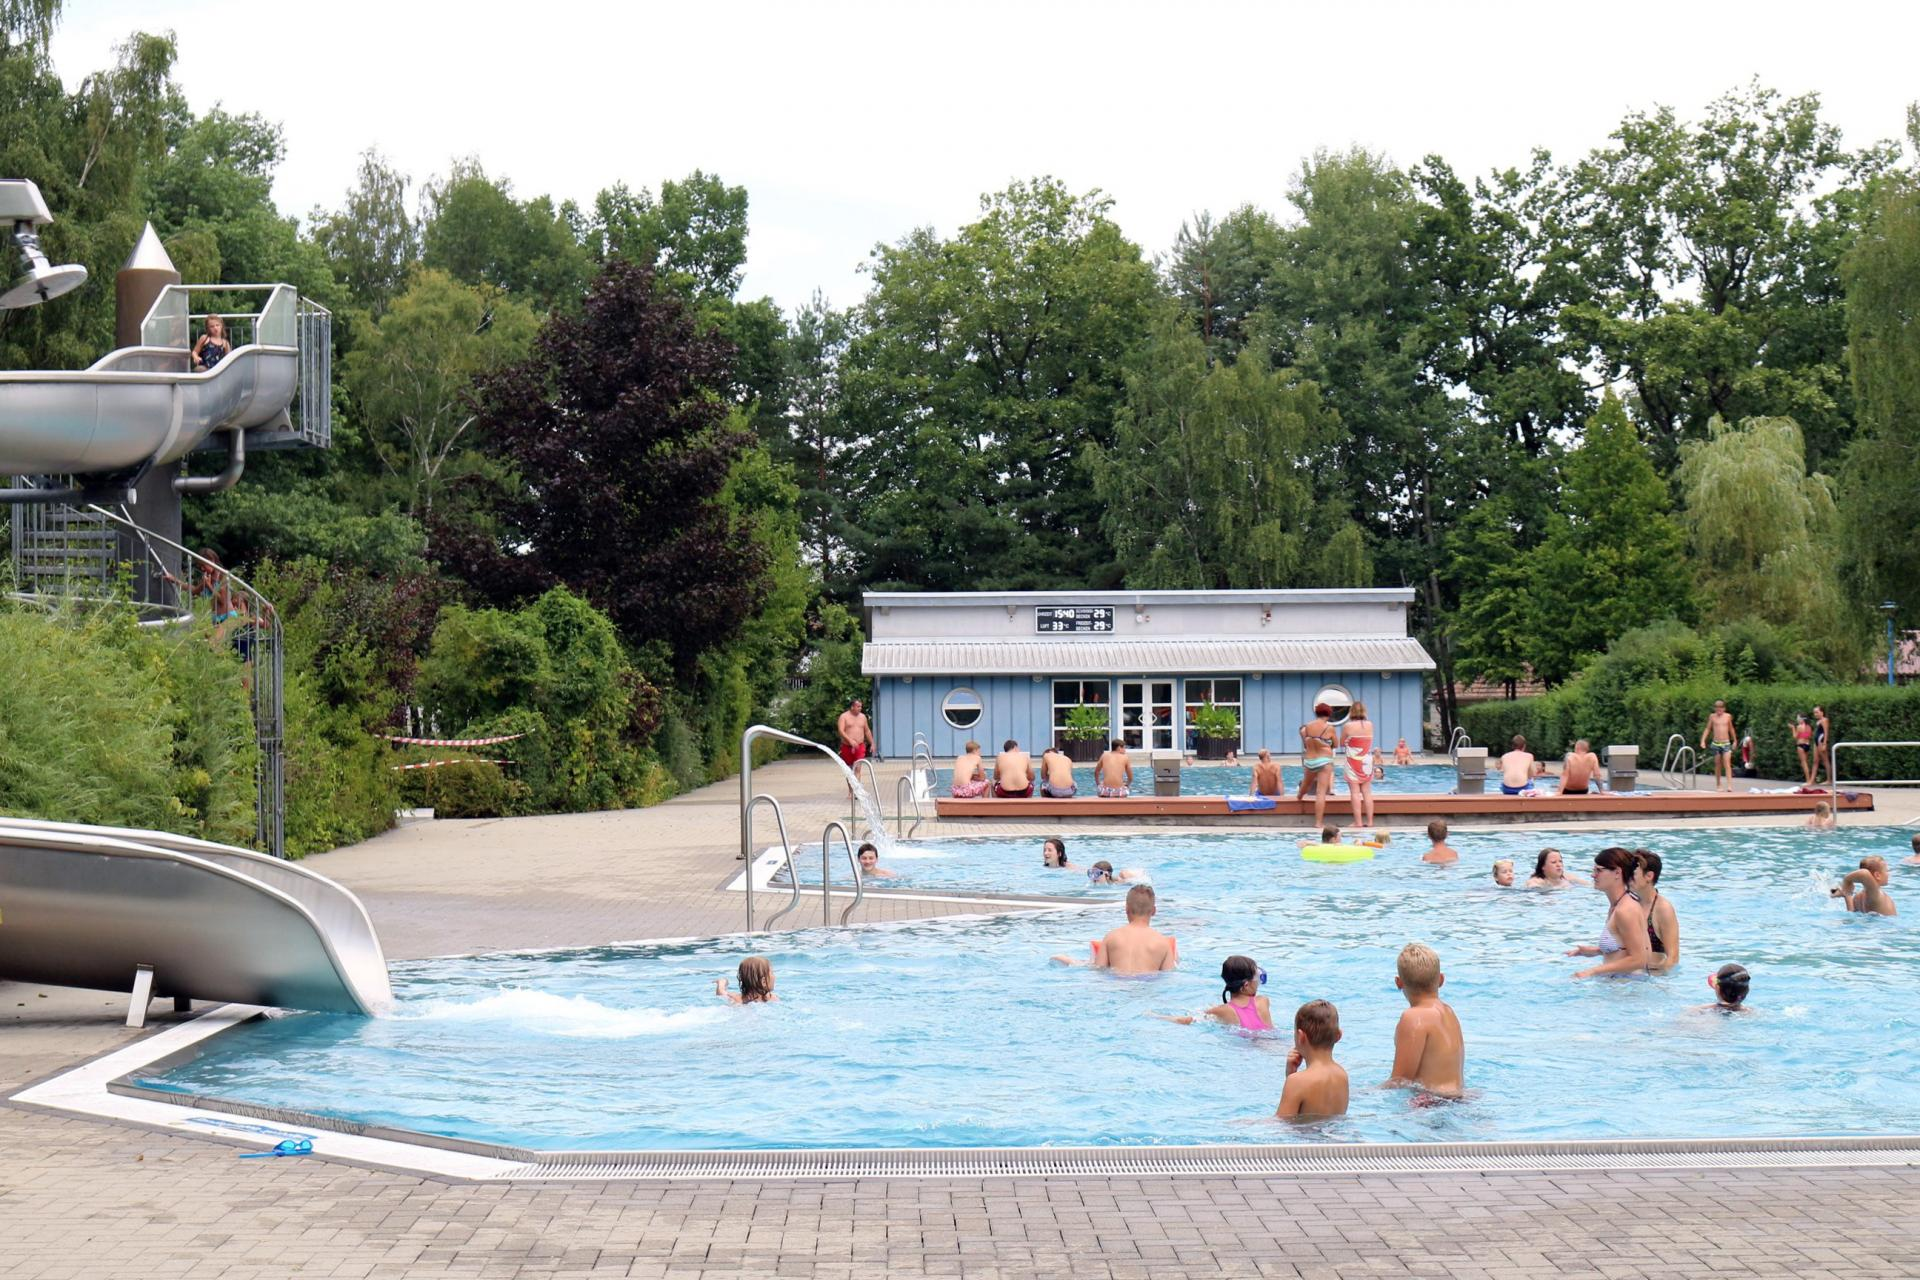 Blick in das Calauer Erlebnisbad in der Ziegelstraße. Foto: Stadt Calau / Jan Hornhauer